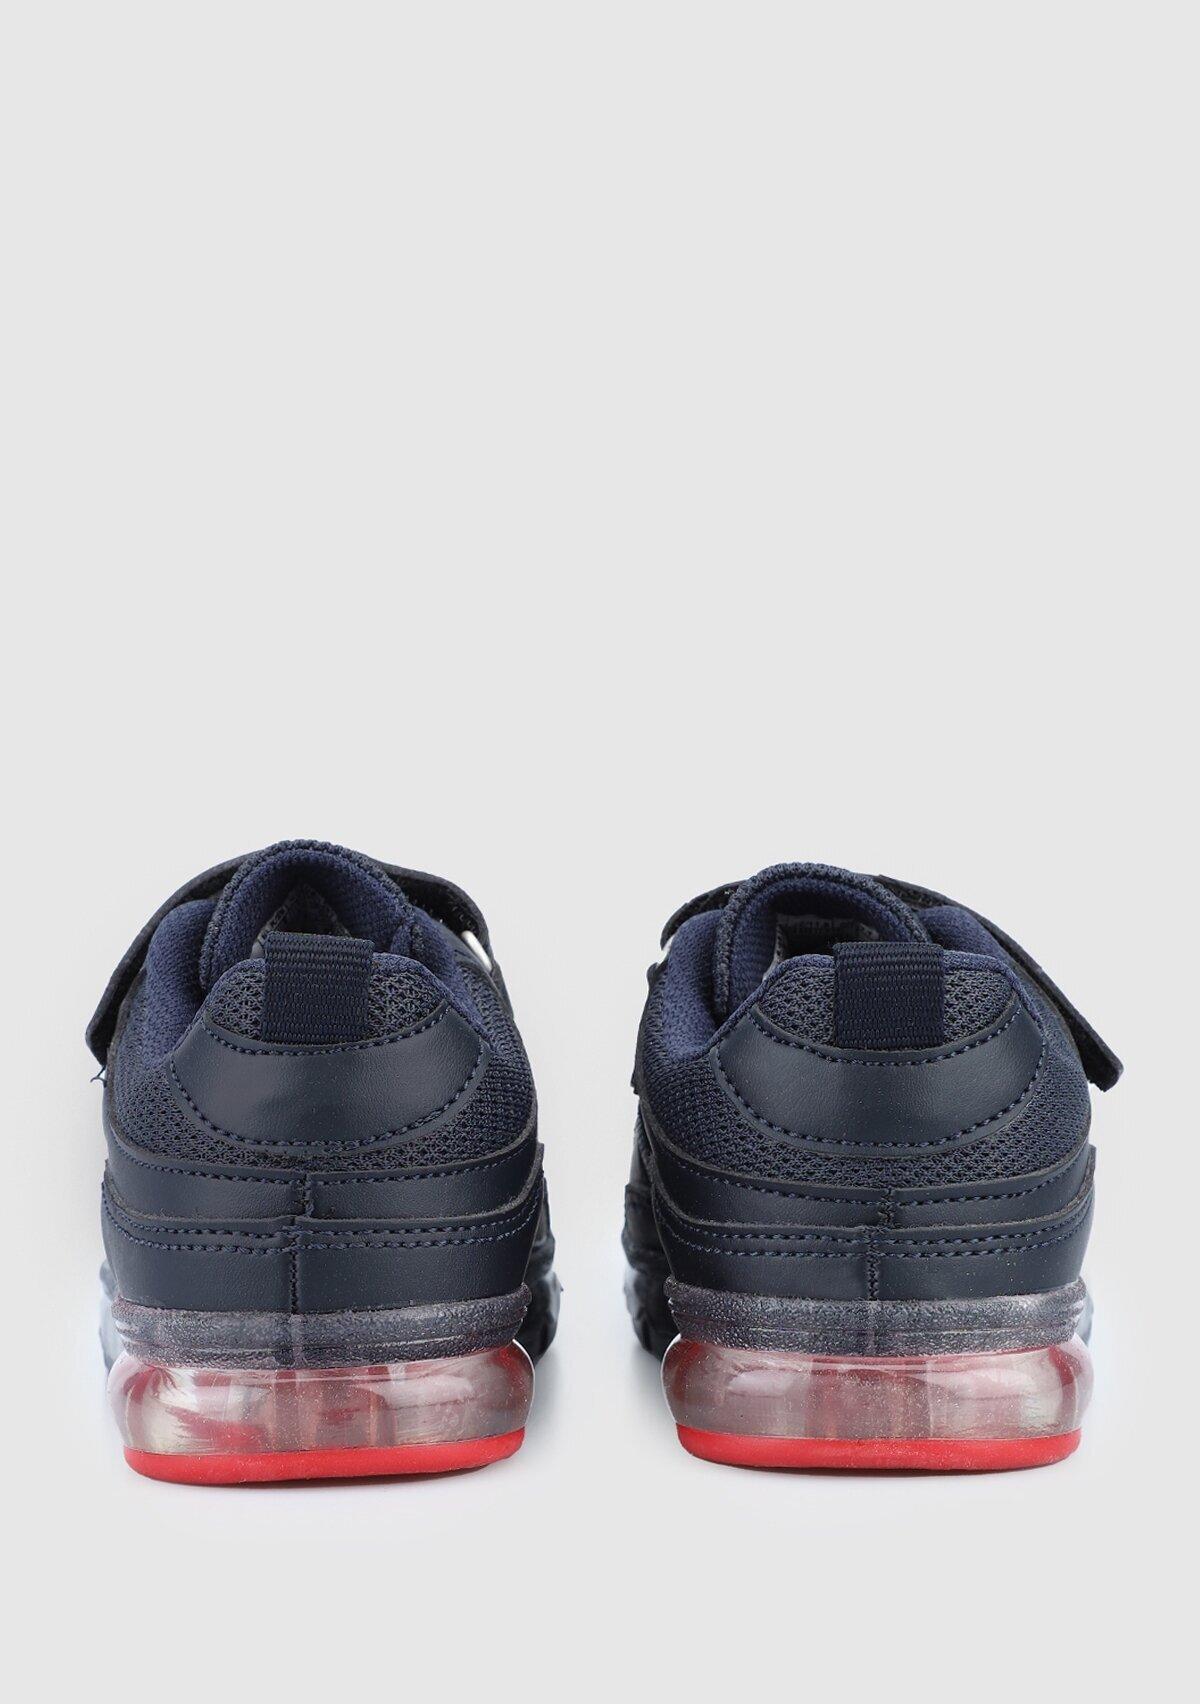 resm Lacivert Erkek Çocuk Ayakkabı